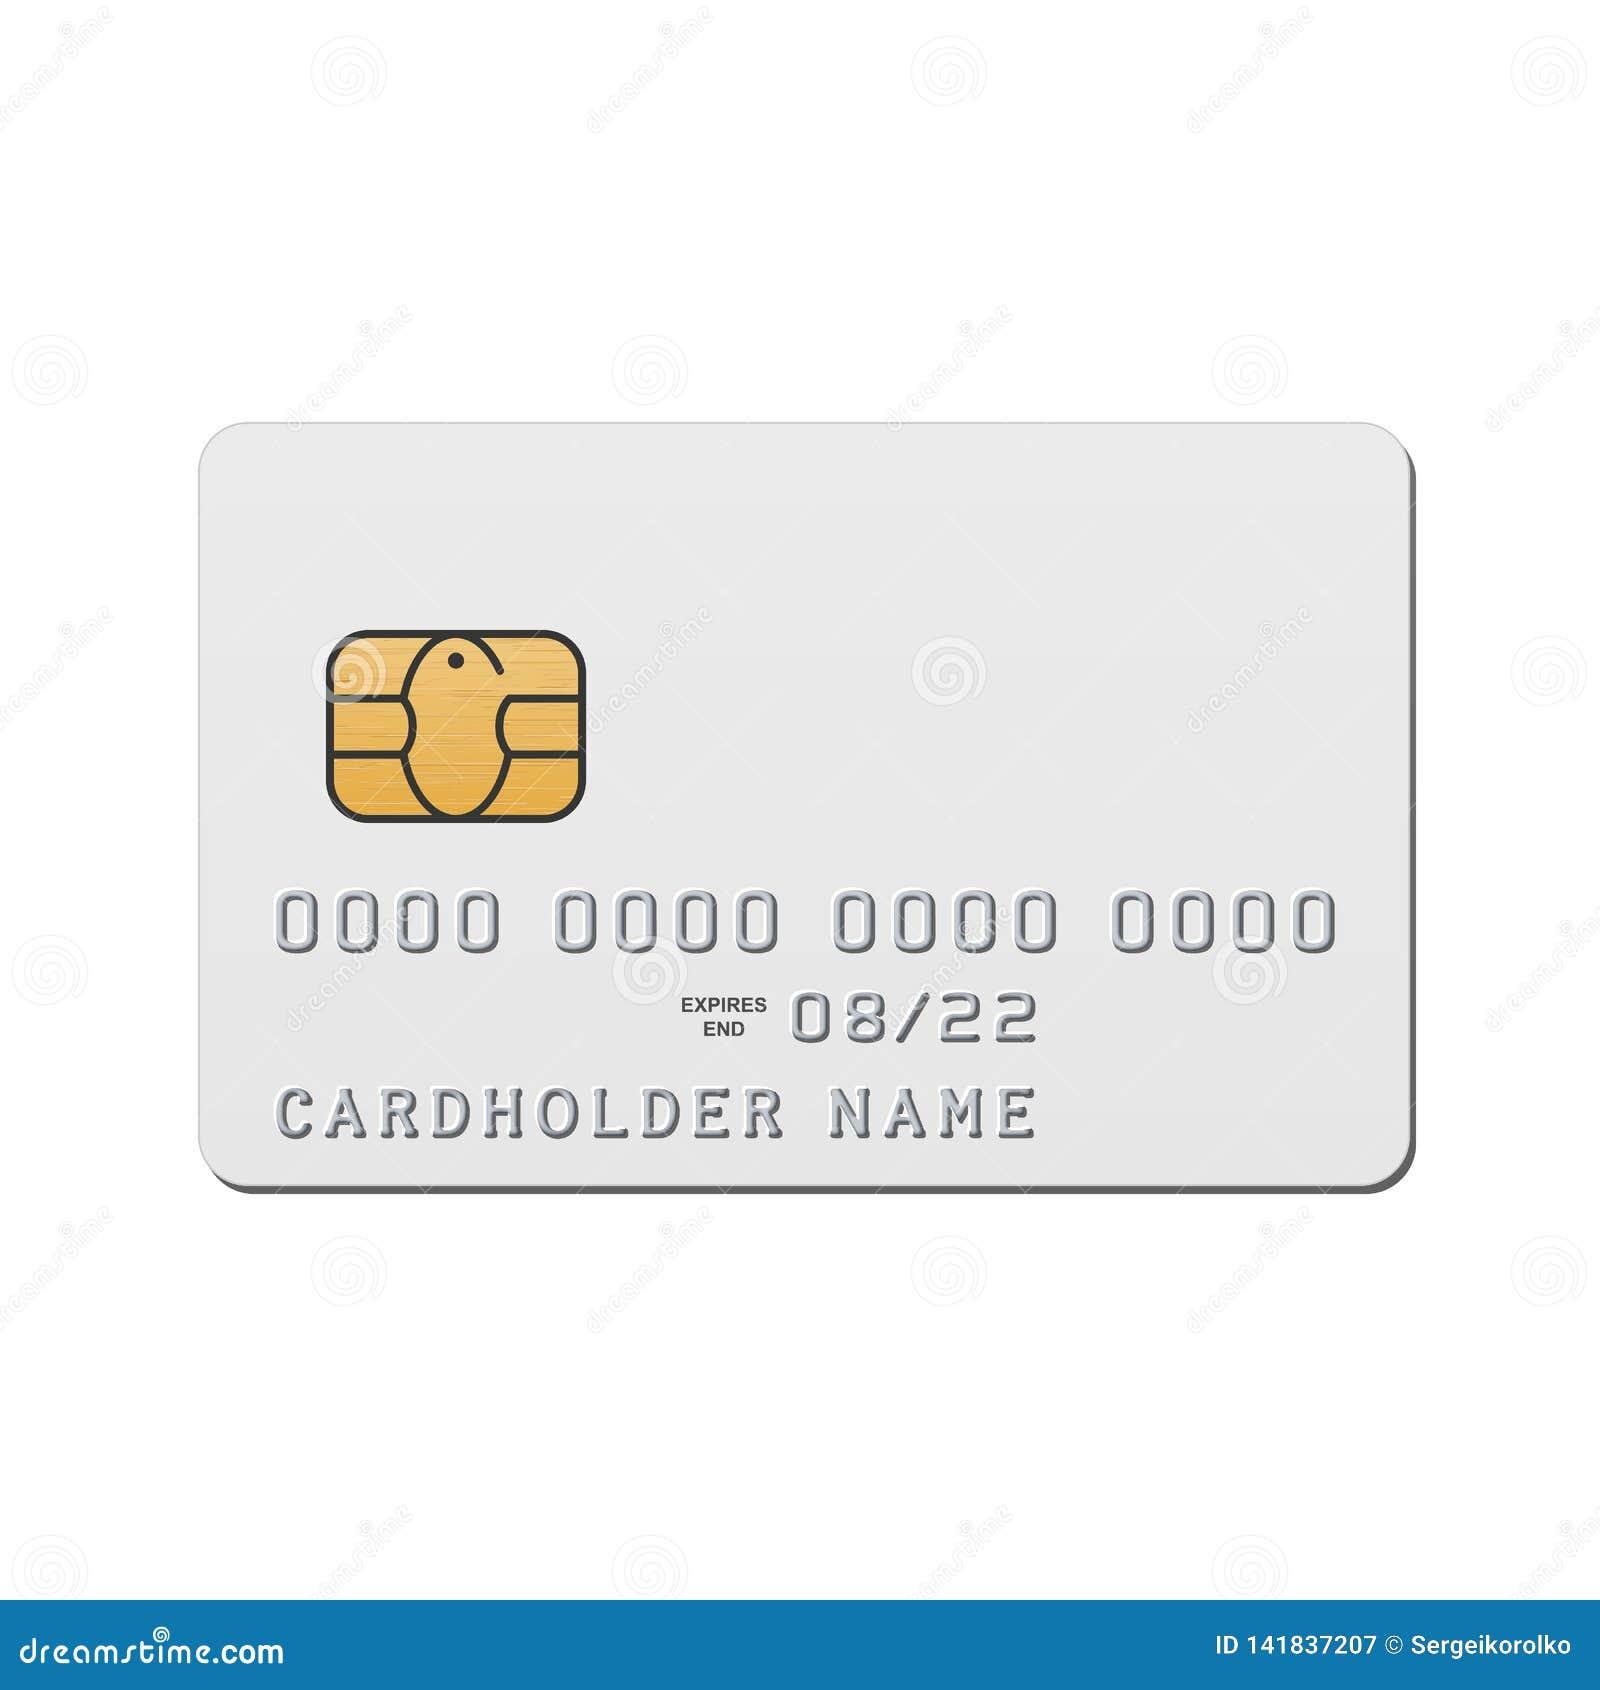 Leere weiße Kreditkarteschablone Vektormodell der Kreditkarte mit EMV-Chip